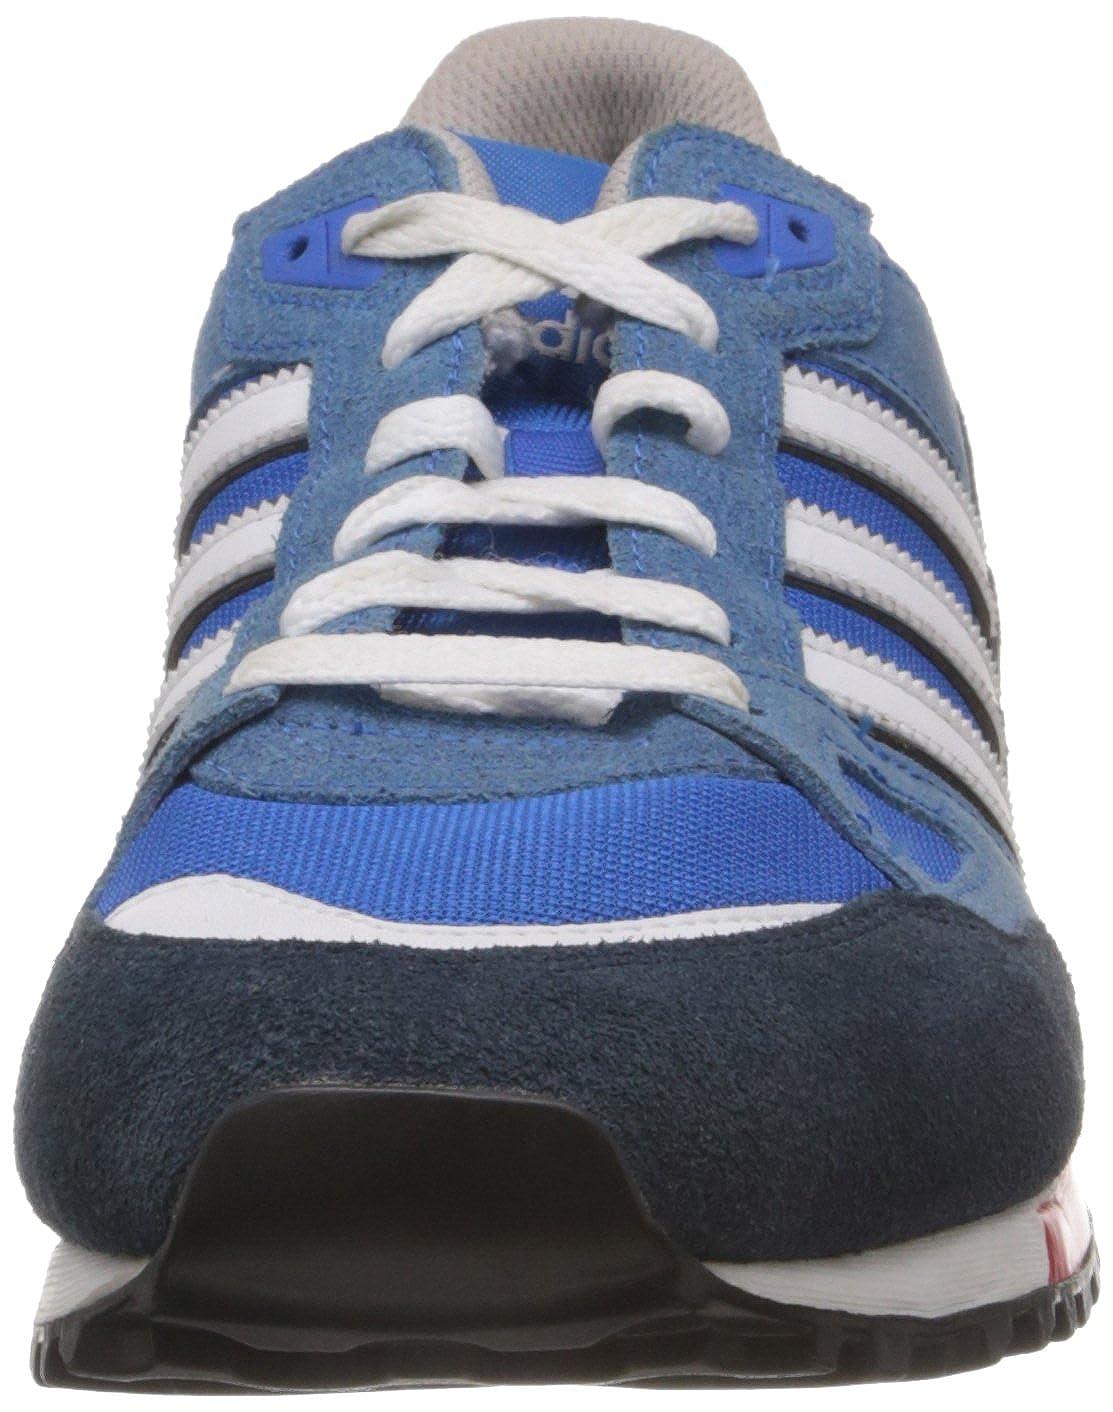 adidas Originals ZX750, Zapatillas de Estar por casa para Hombre: Amazon.es: Zapatos y complementos